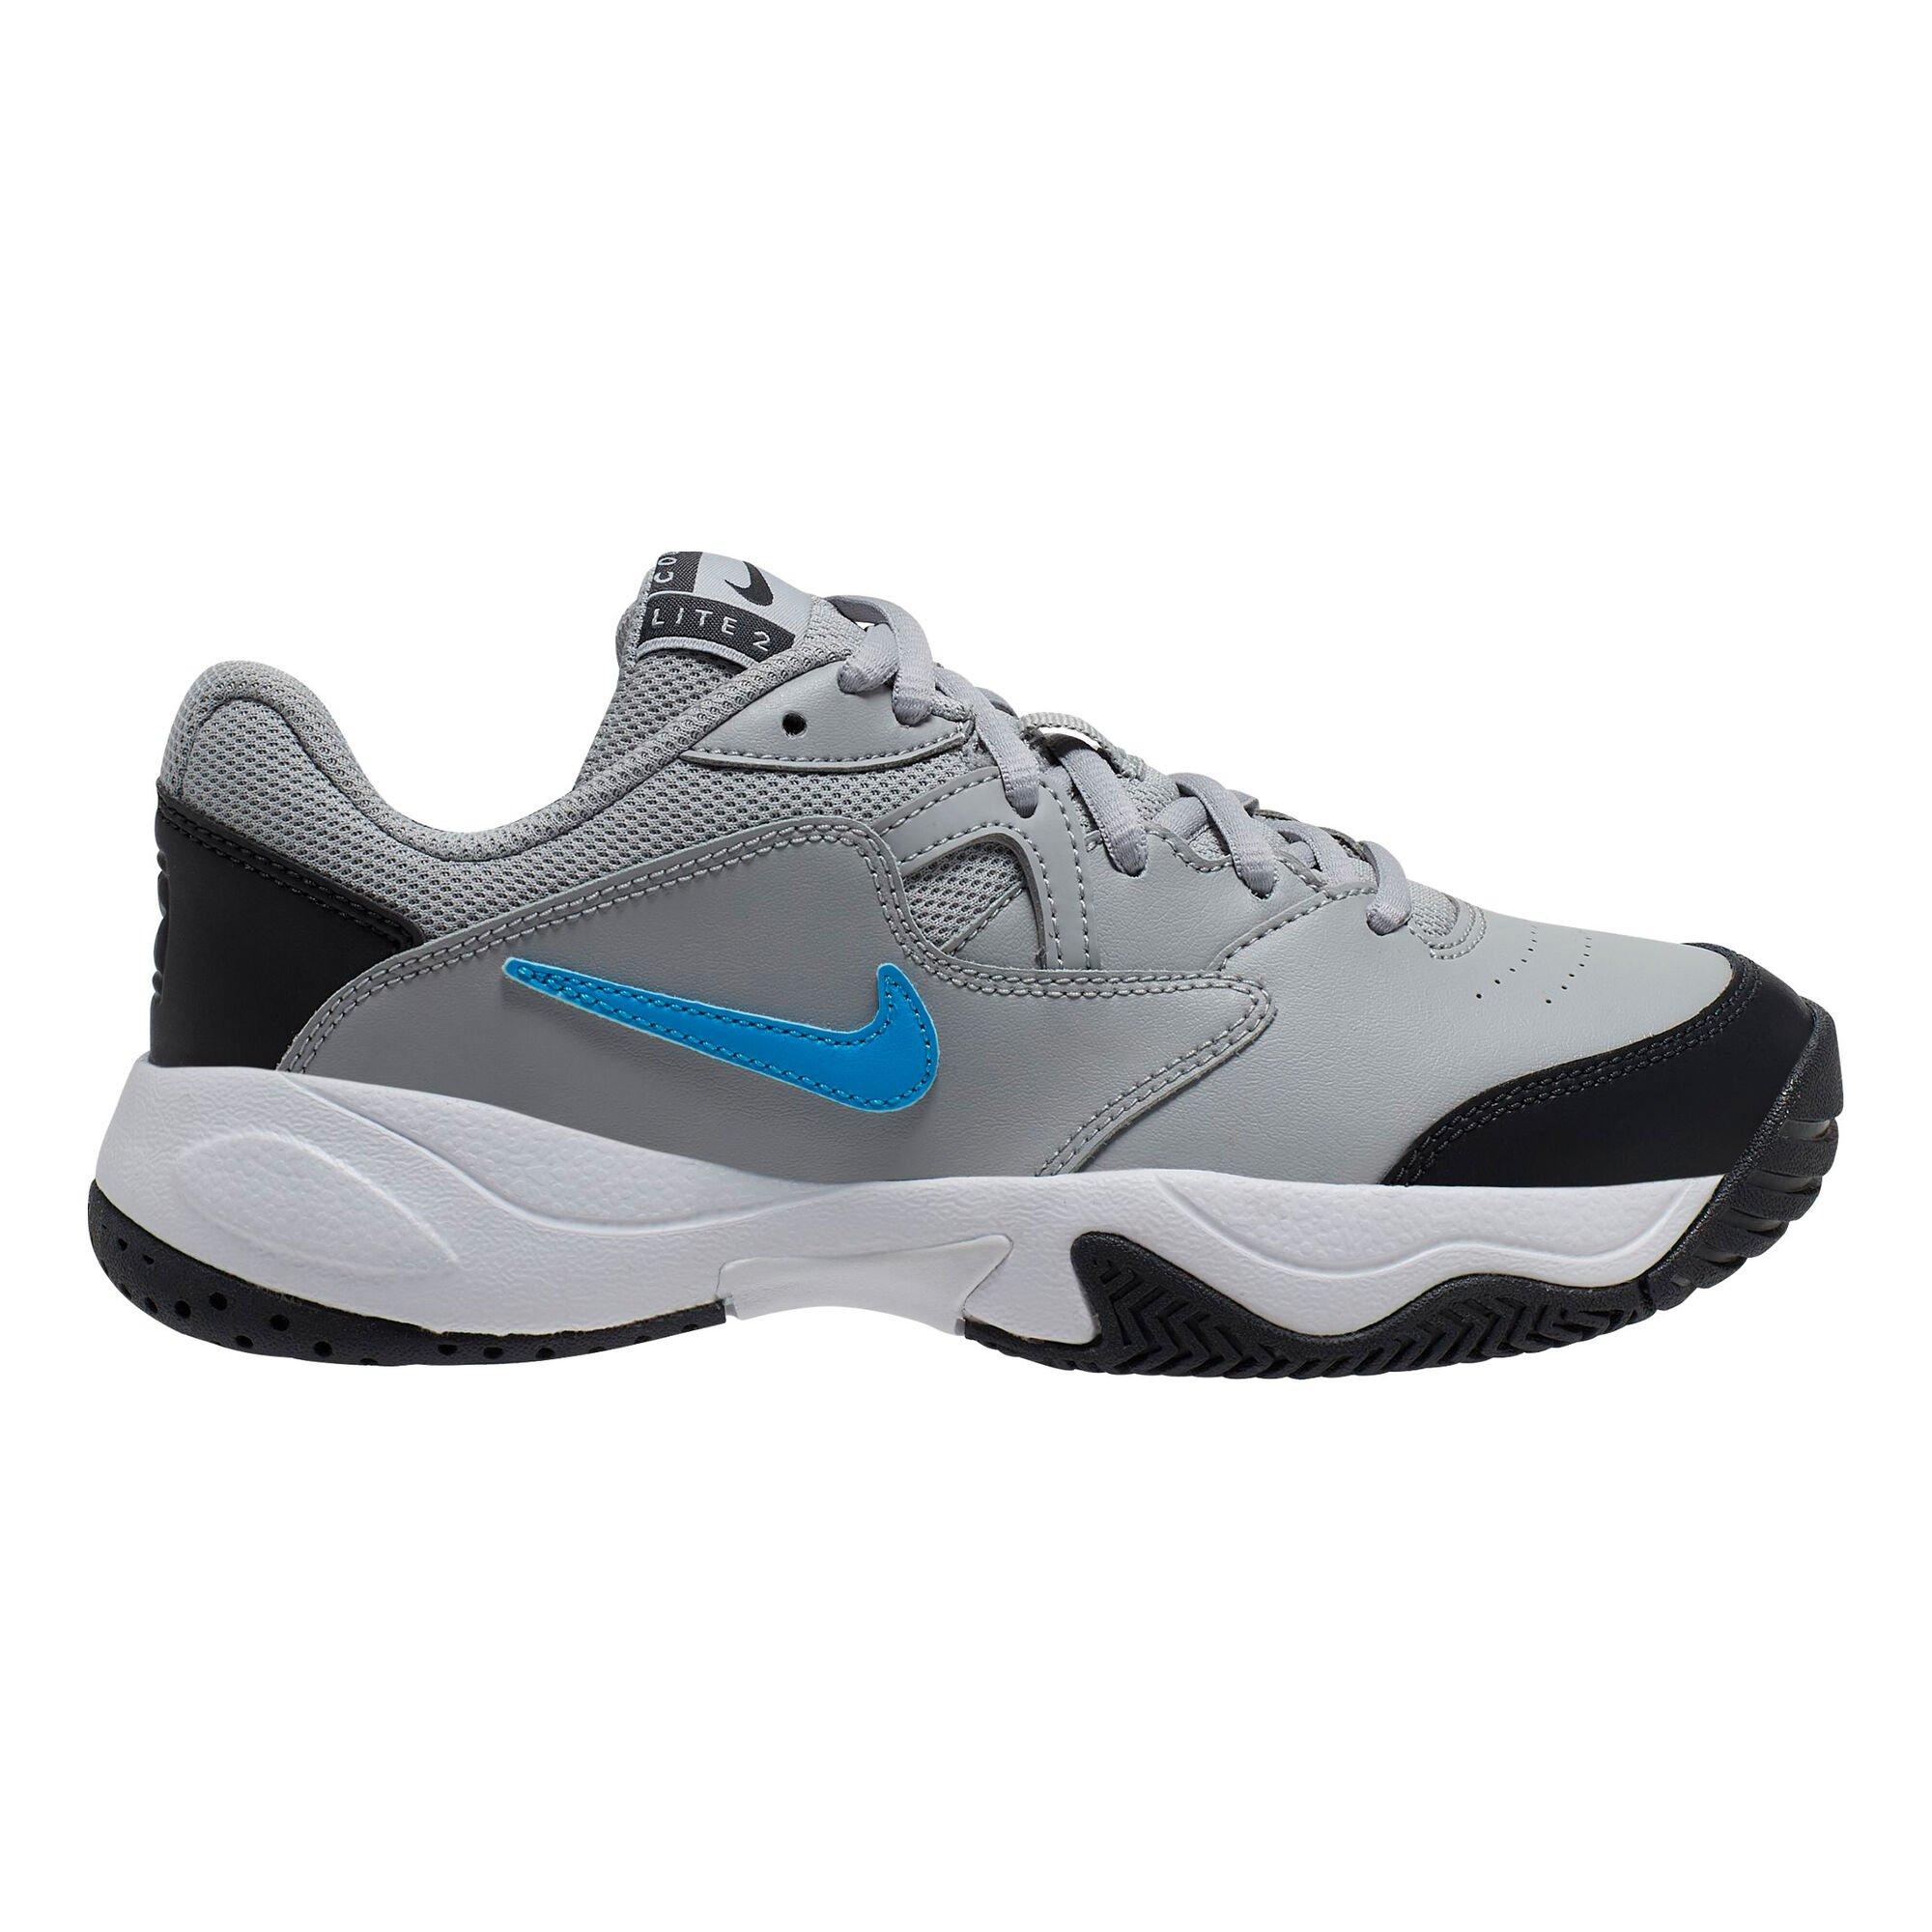 Nike Court Lite 2 Allcourtschuh Kinder - Grau-Schwarz Gr. 32-37.5